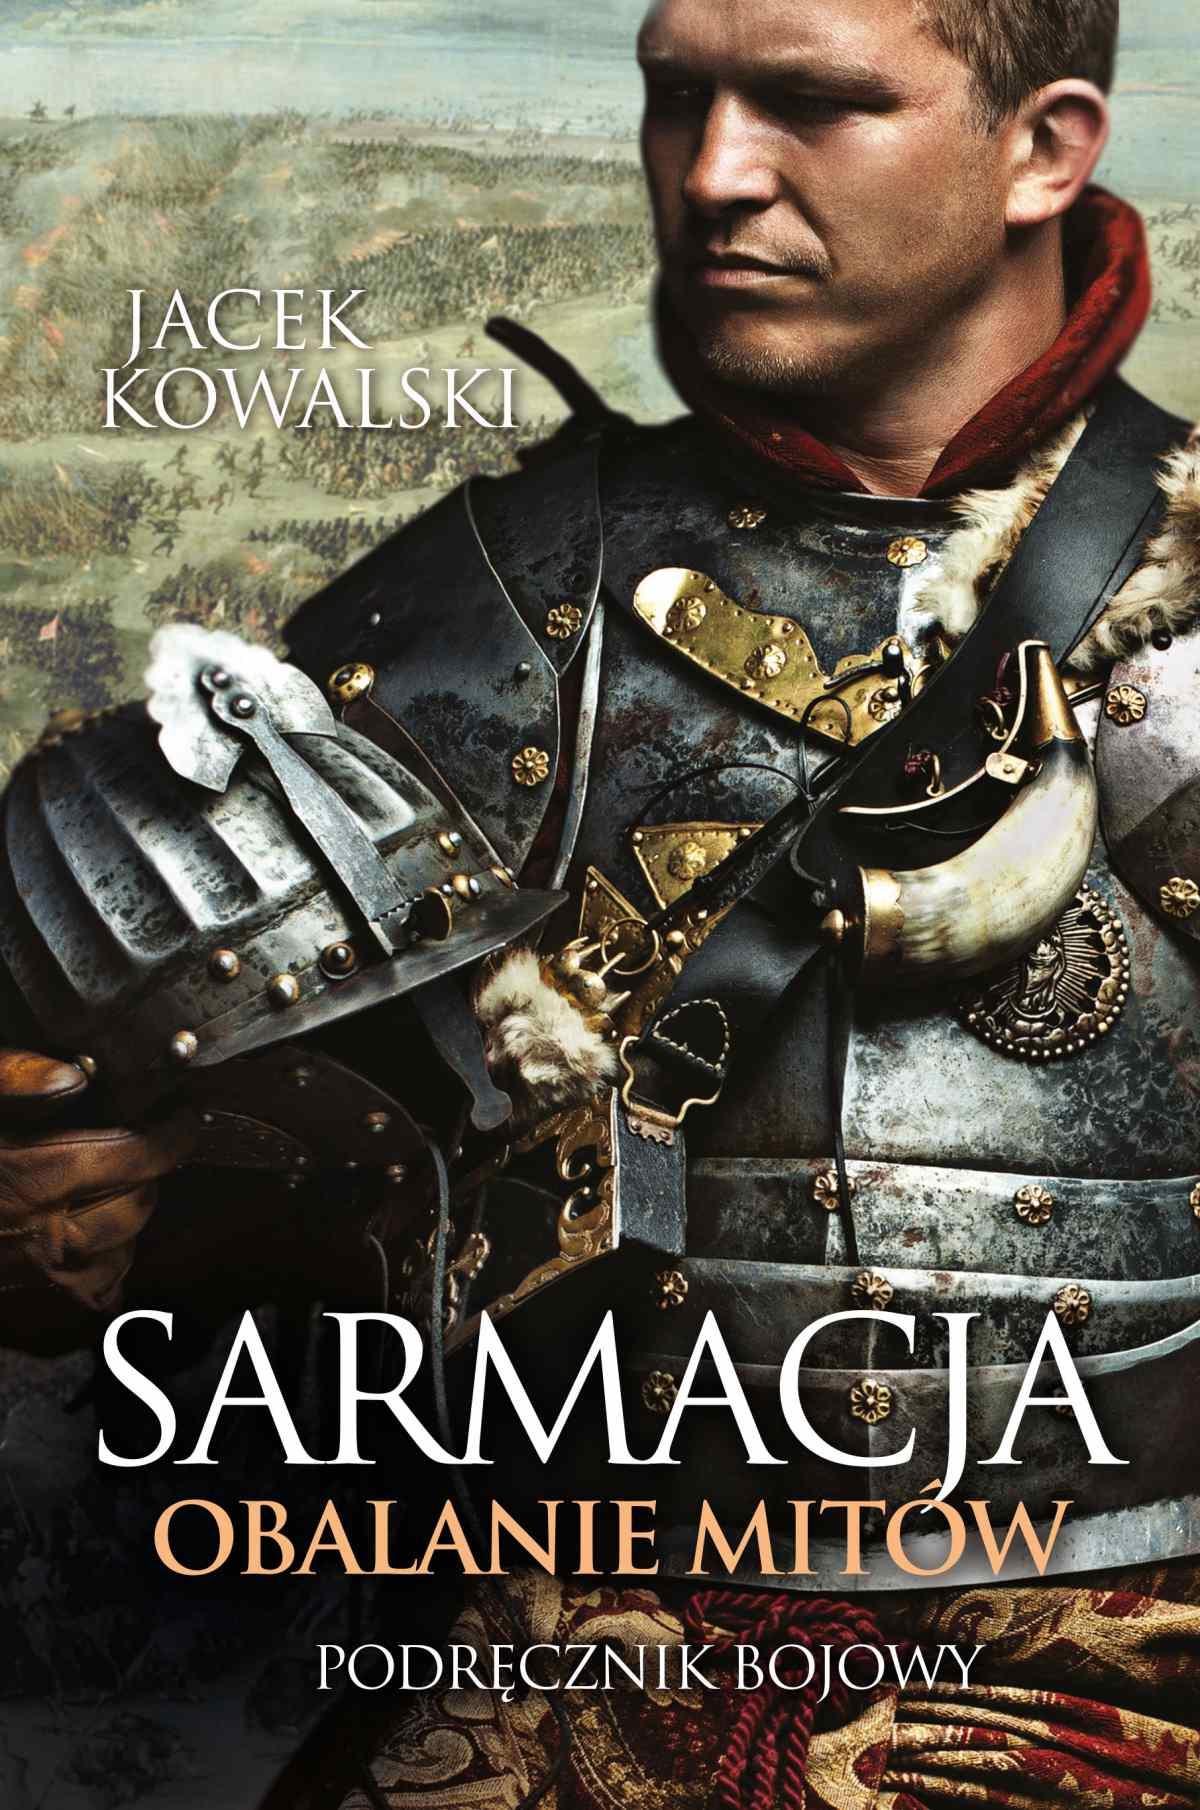 Sarmacja. Obalenie mitów. Podręcznik bojowy - Ebook (Książka EPUB) do pobrania w formacie EPUB